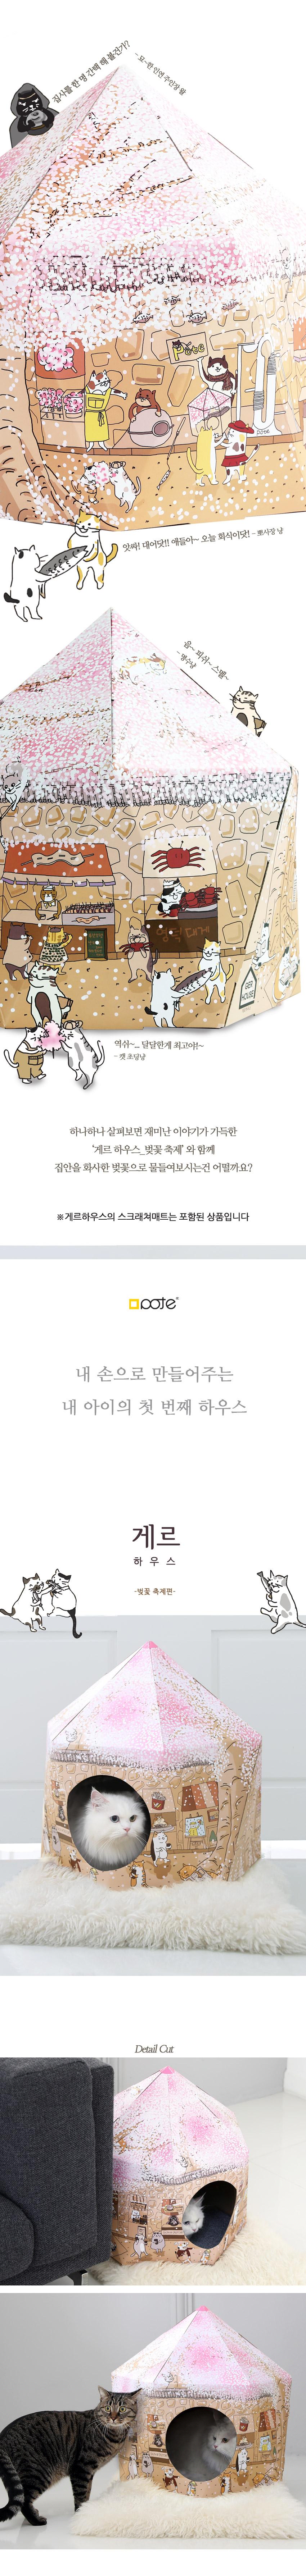 게르하우스_벚꽃축제_풀옵션 - 뽀떼, 23,000원, 하우스/캣타워, 하우스